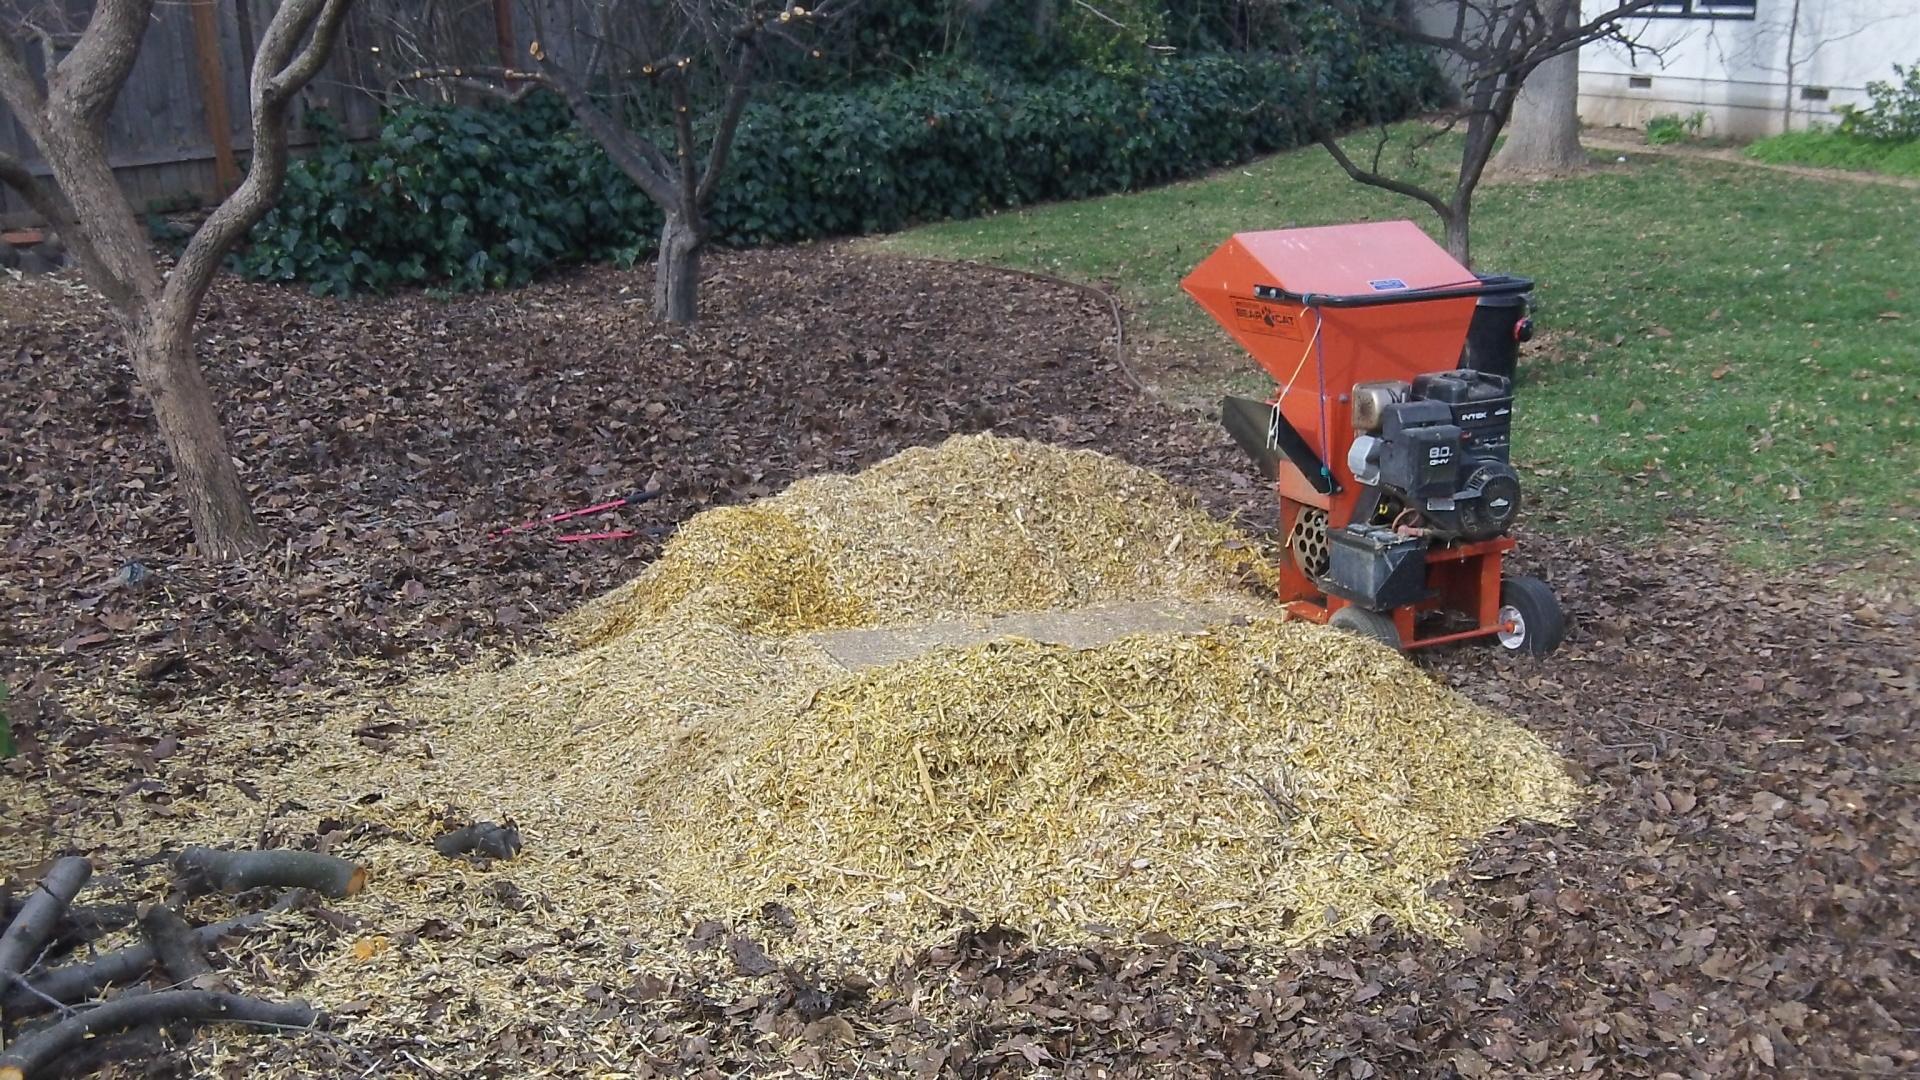 chipper shredder for on-site mulch